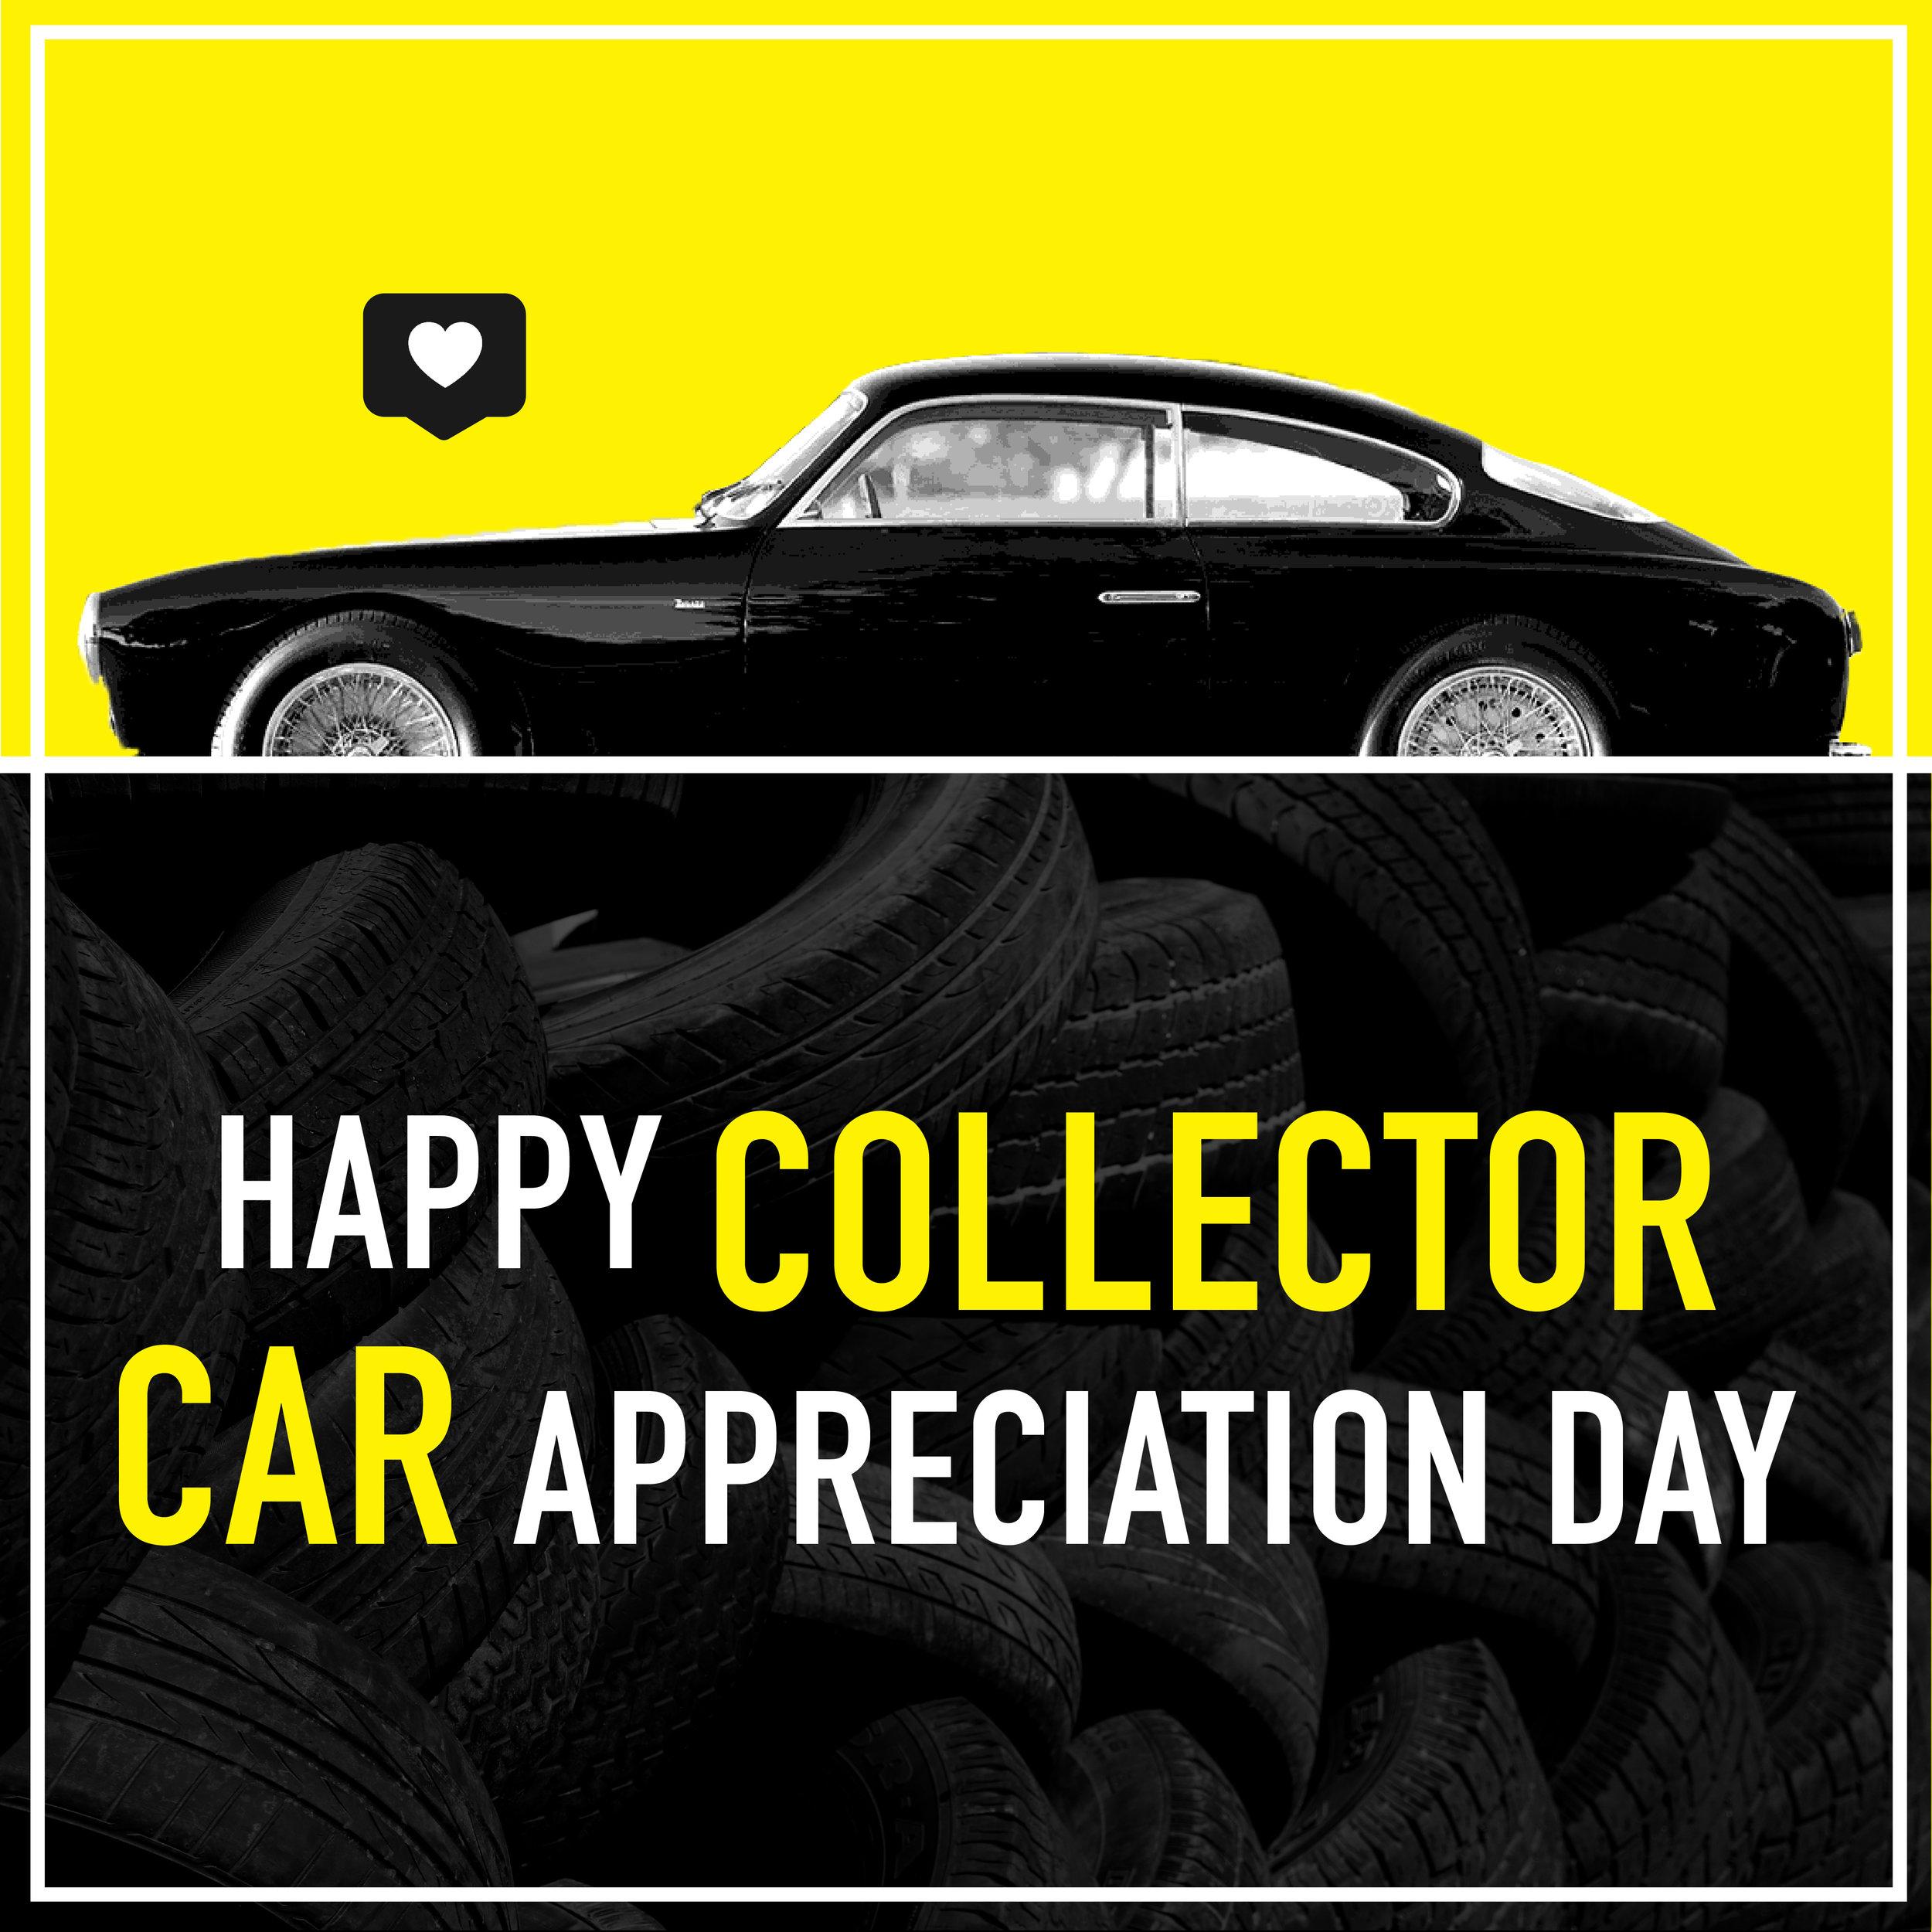 AA Collector Car Appreciation Day -01.jpg